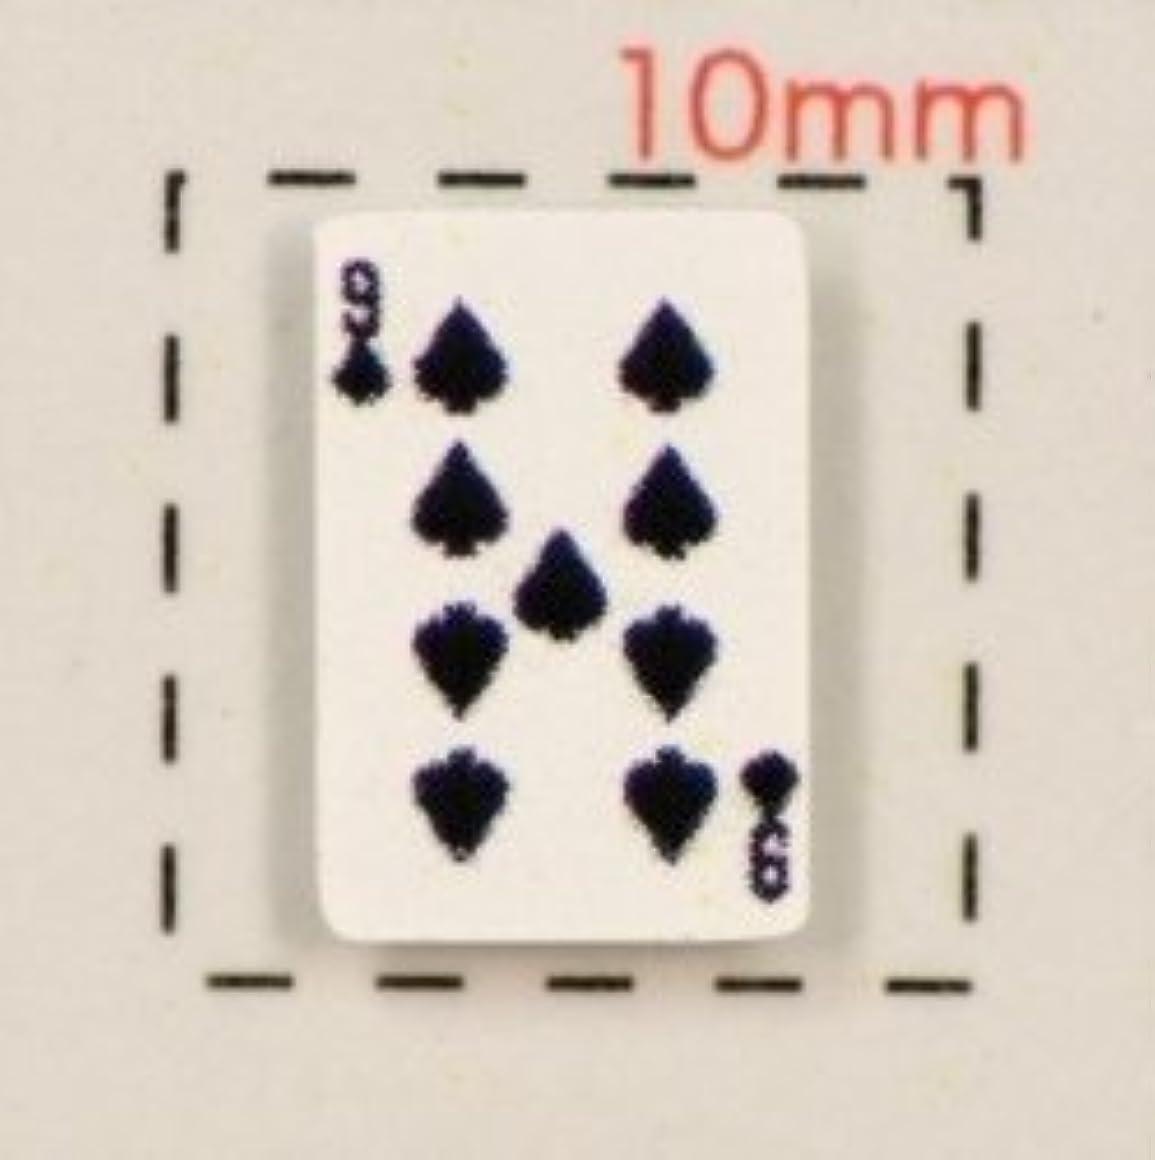 敗北ペダルパーツ【トランプネイルシール】カード(2)スペード9/1シート12枚入